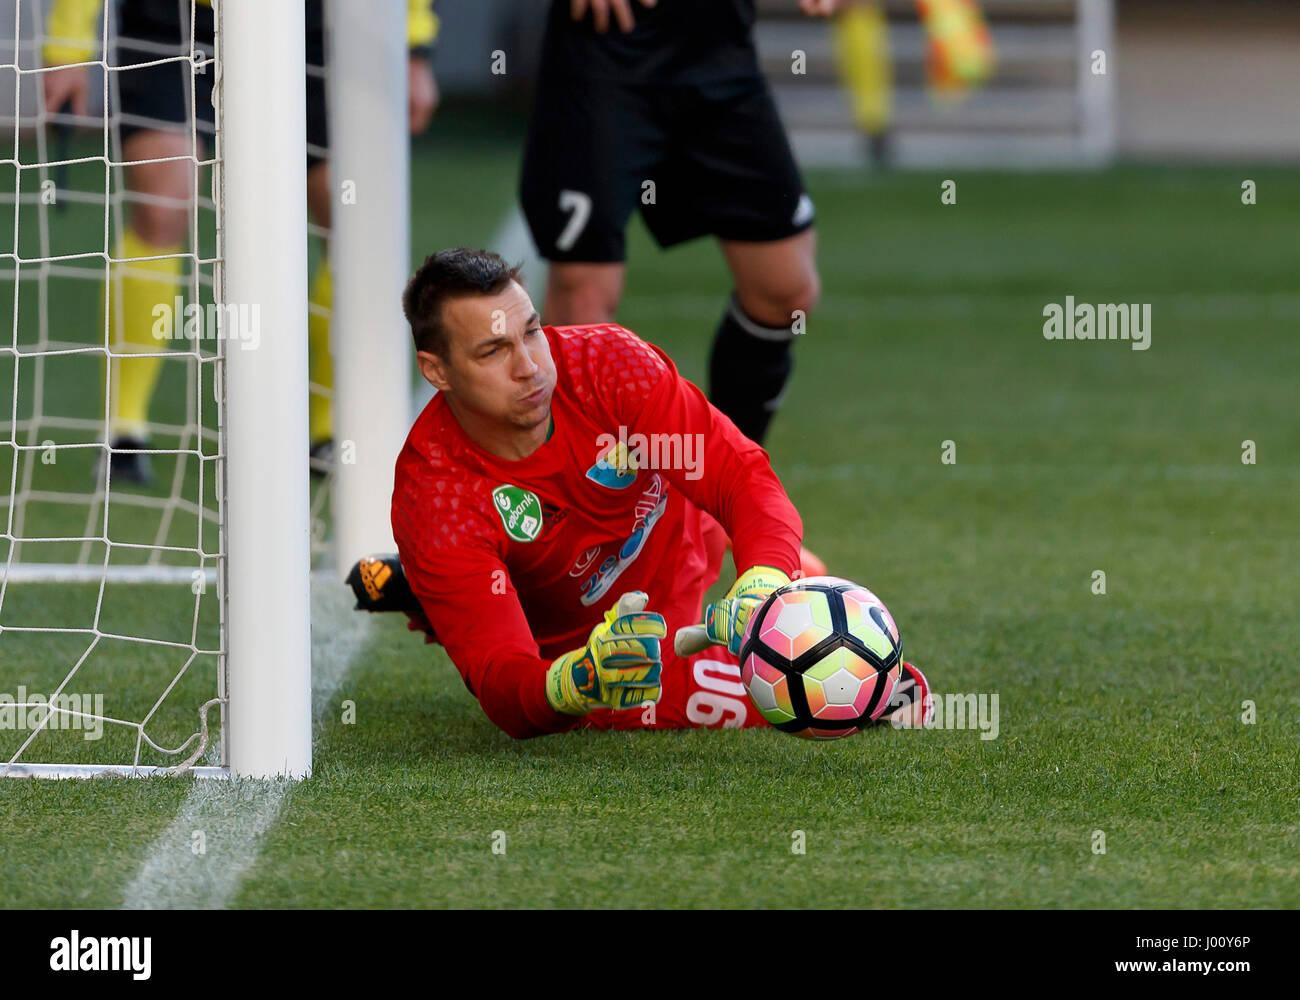 BUDAPEST HUNGARY APRIL 8 Goalkeeper Tomas Tujvel of Mezokovesd